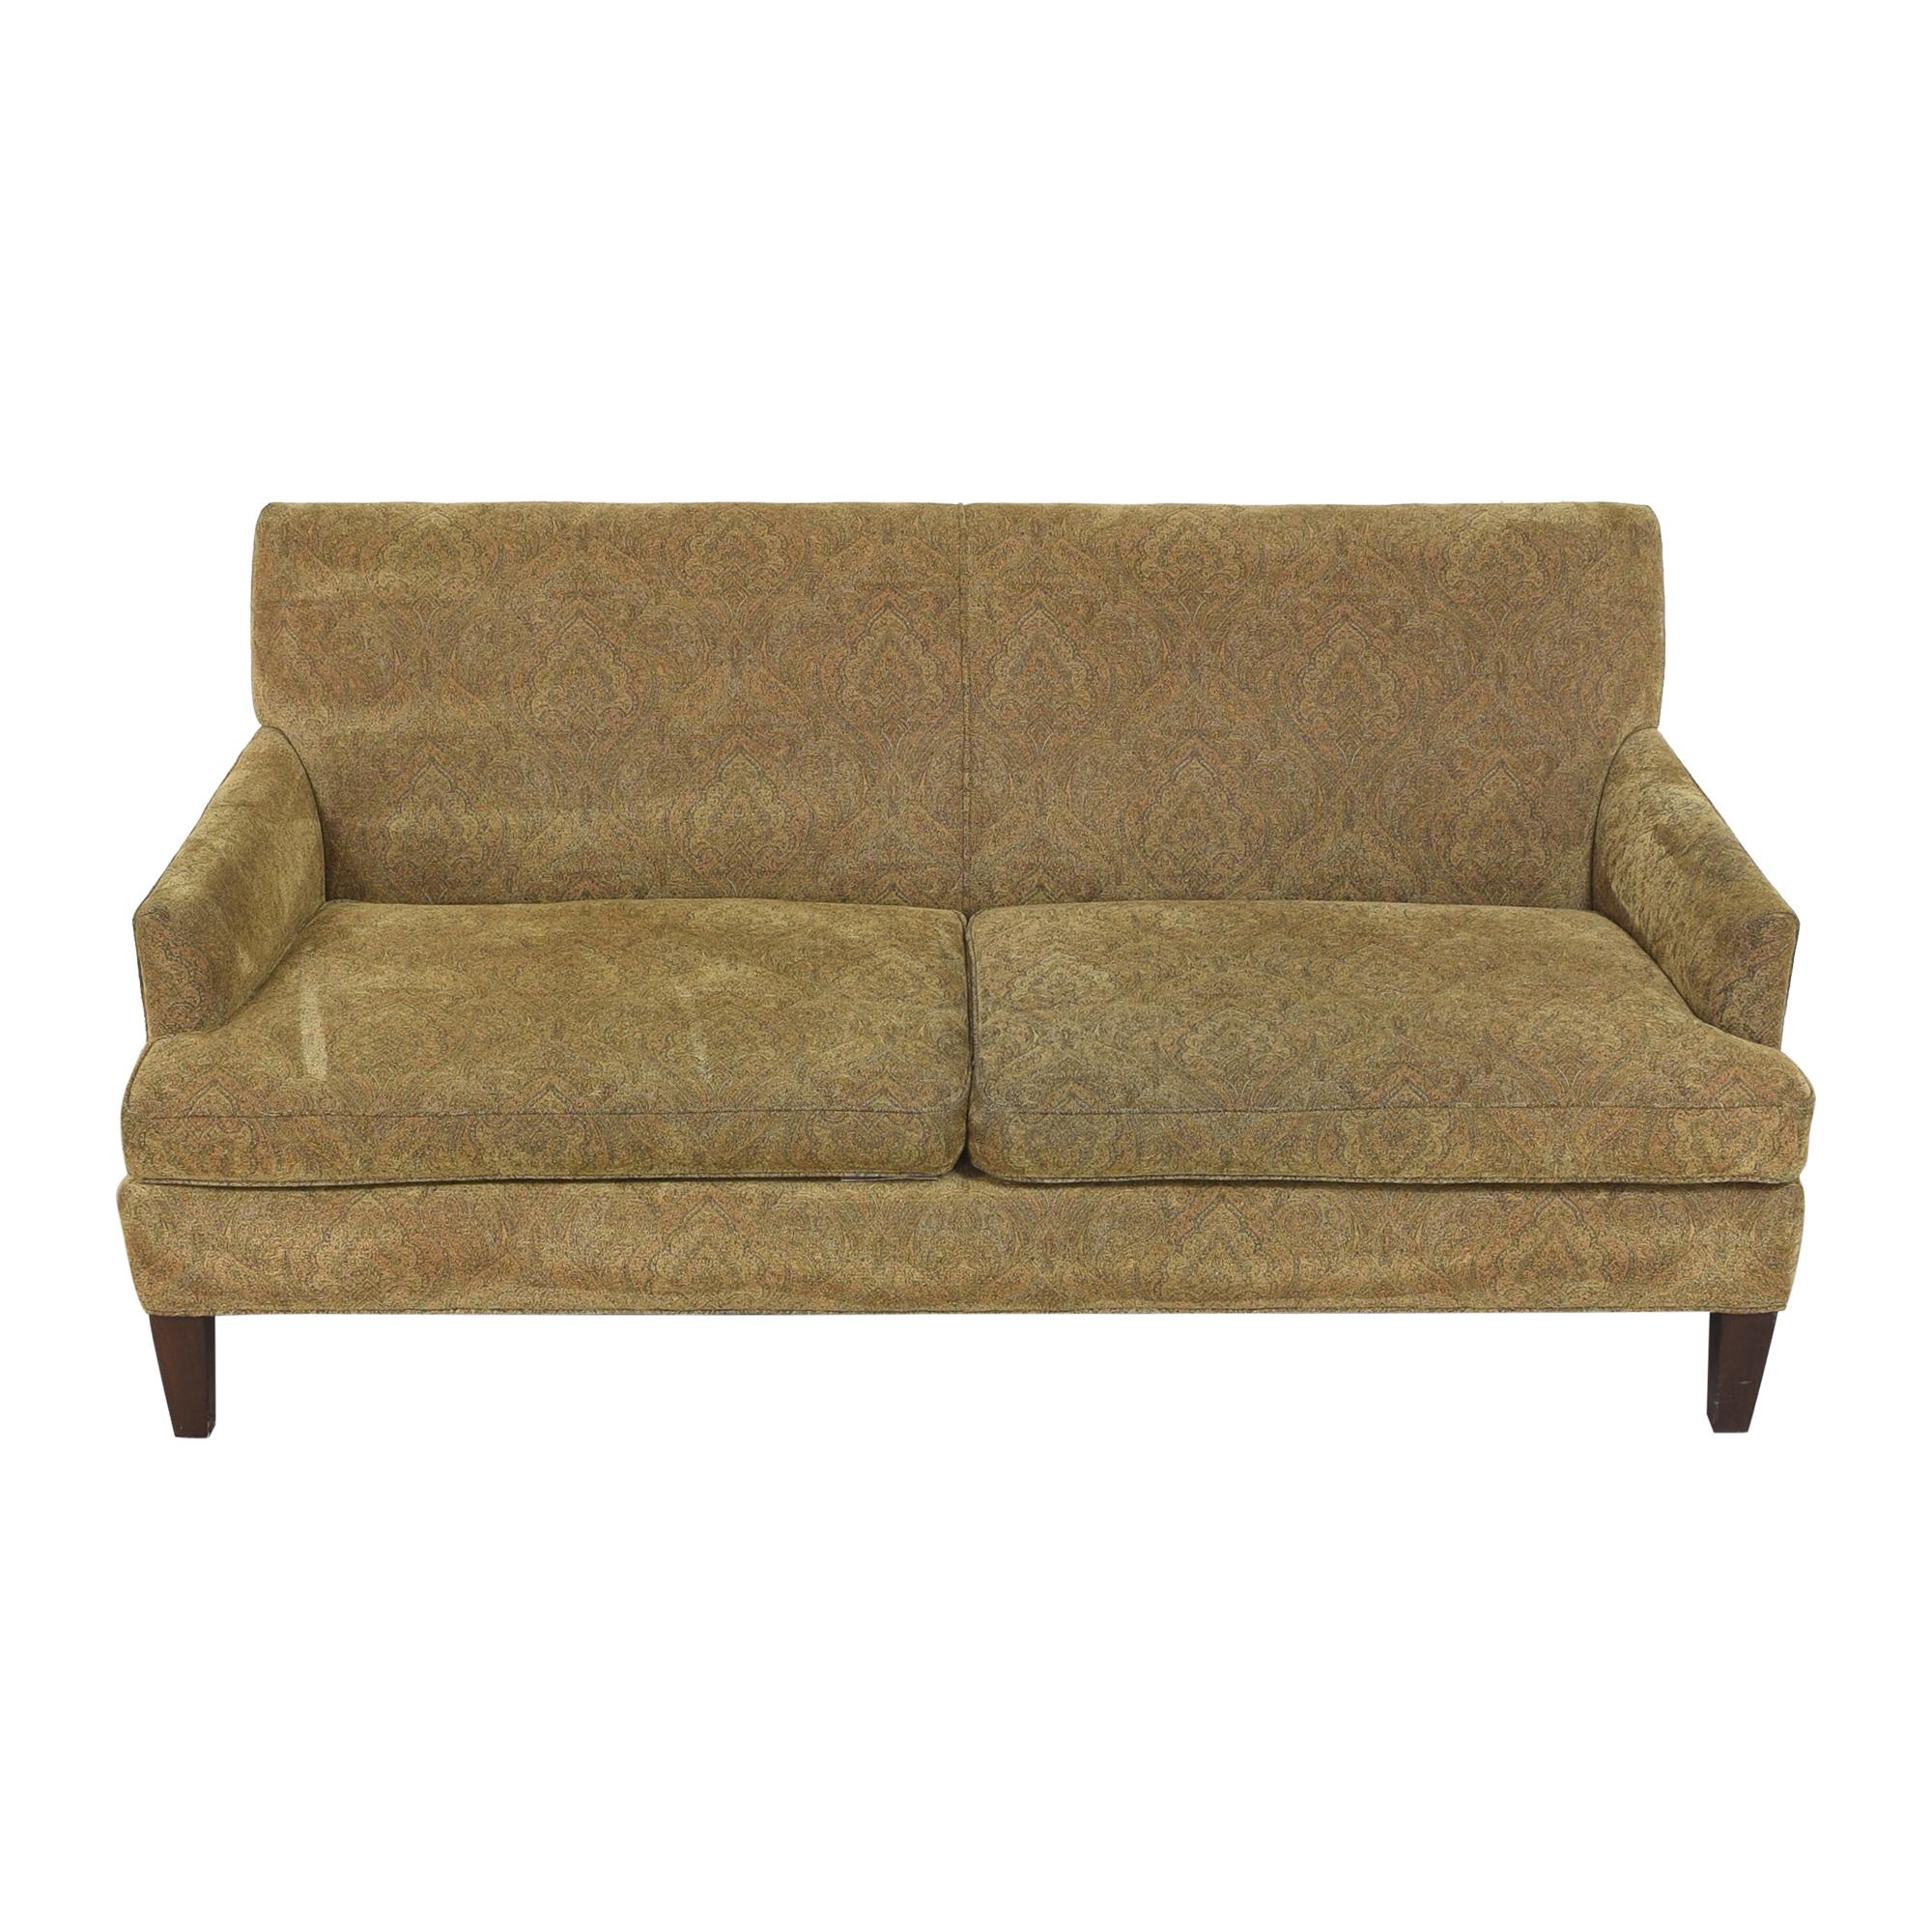 Lee Industries Lee Industries Two Cushion Sofa brown